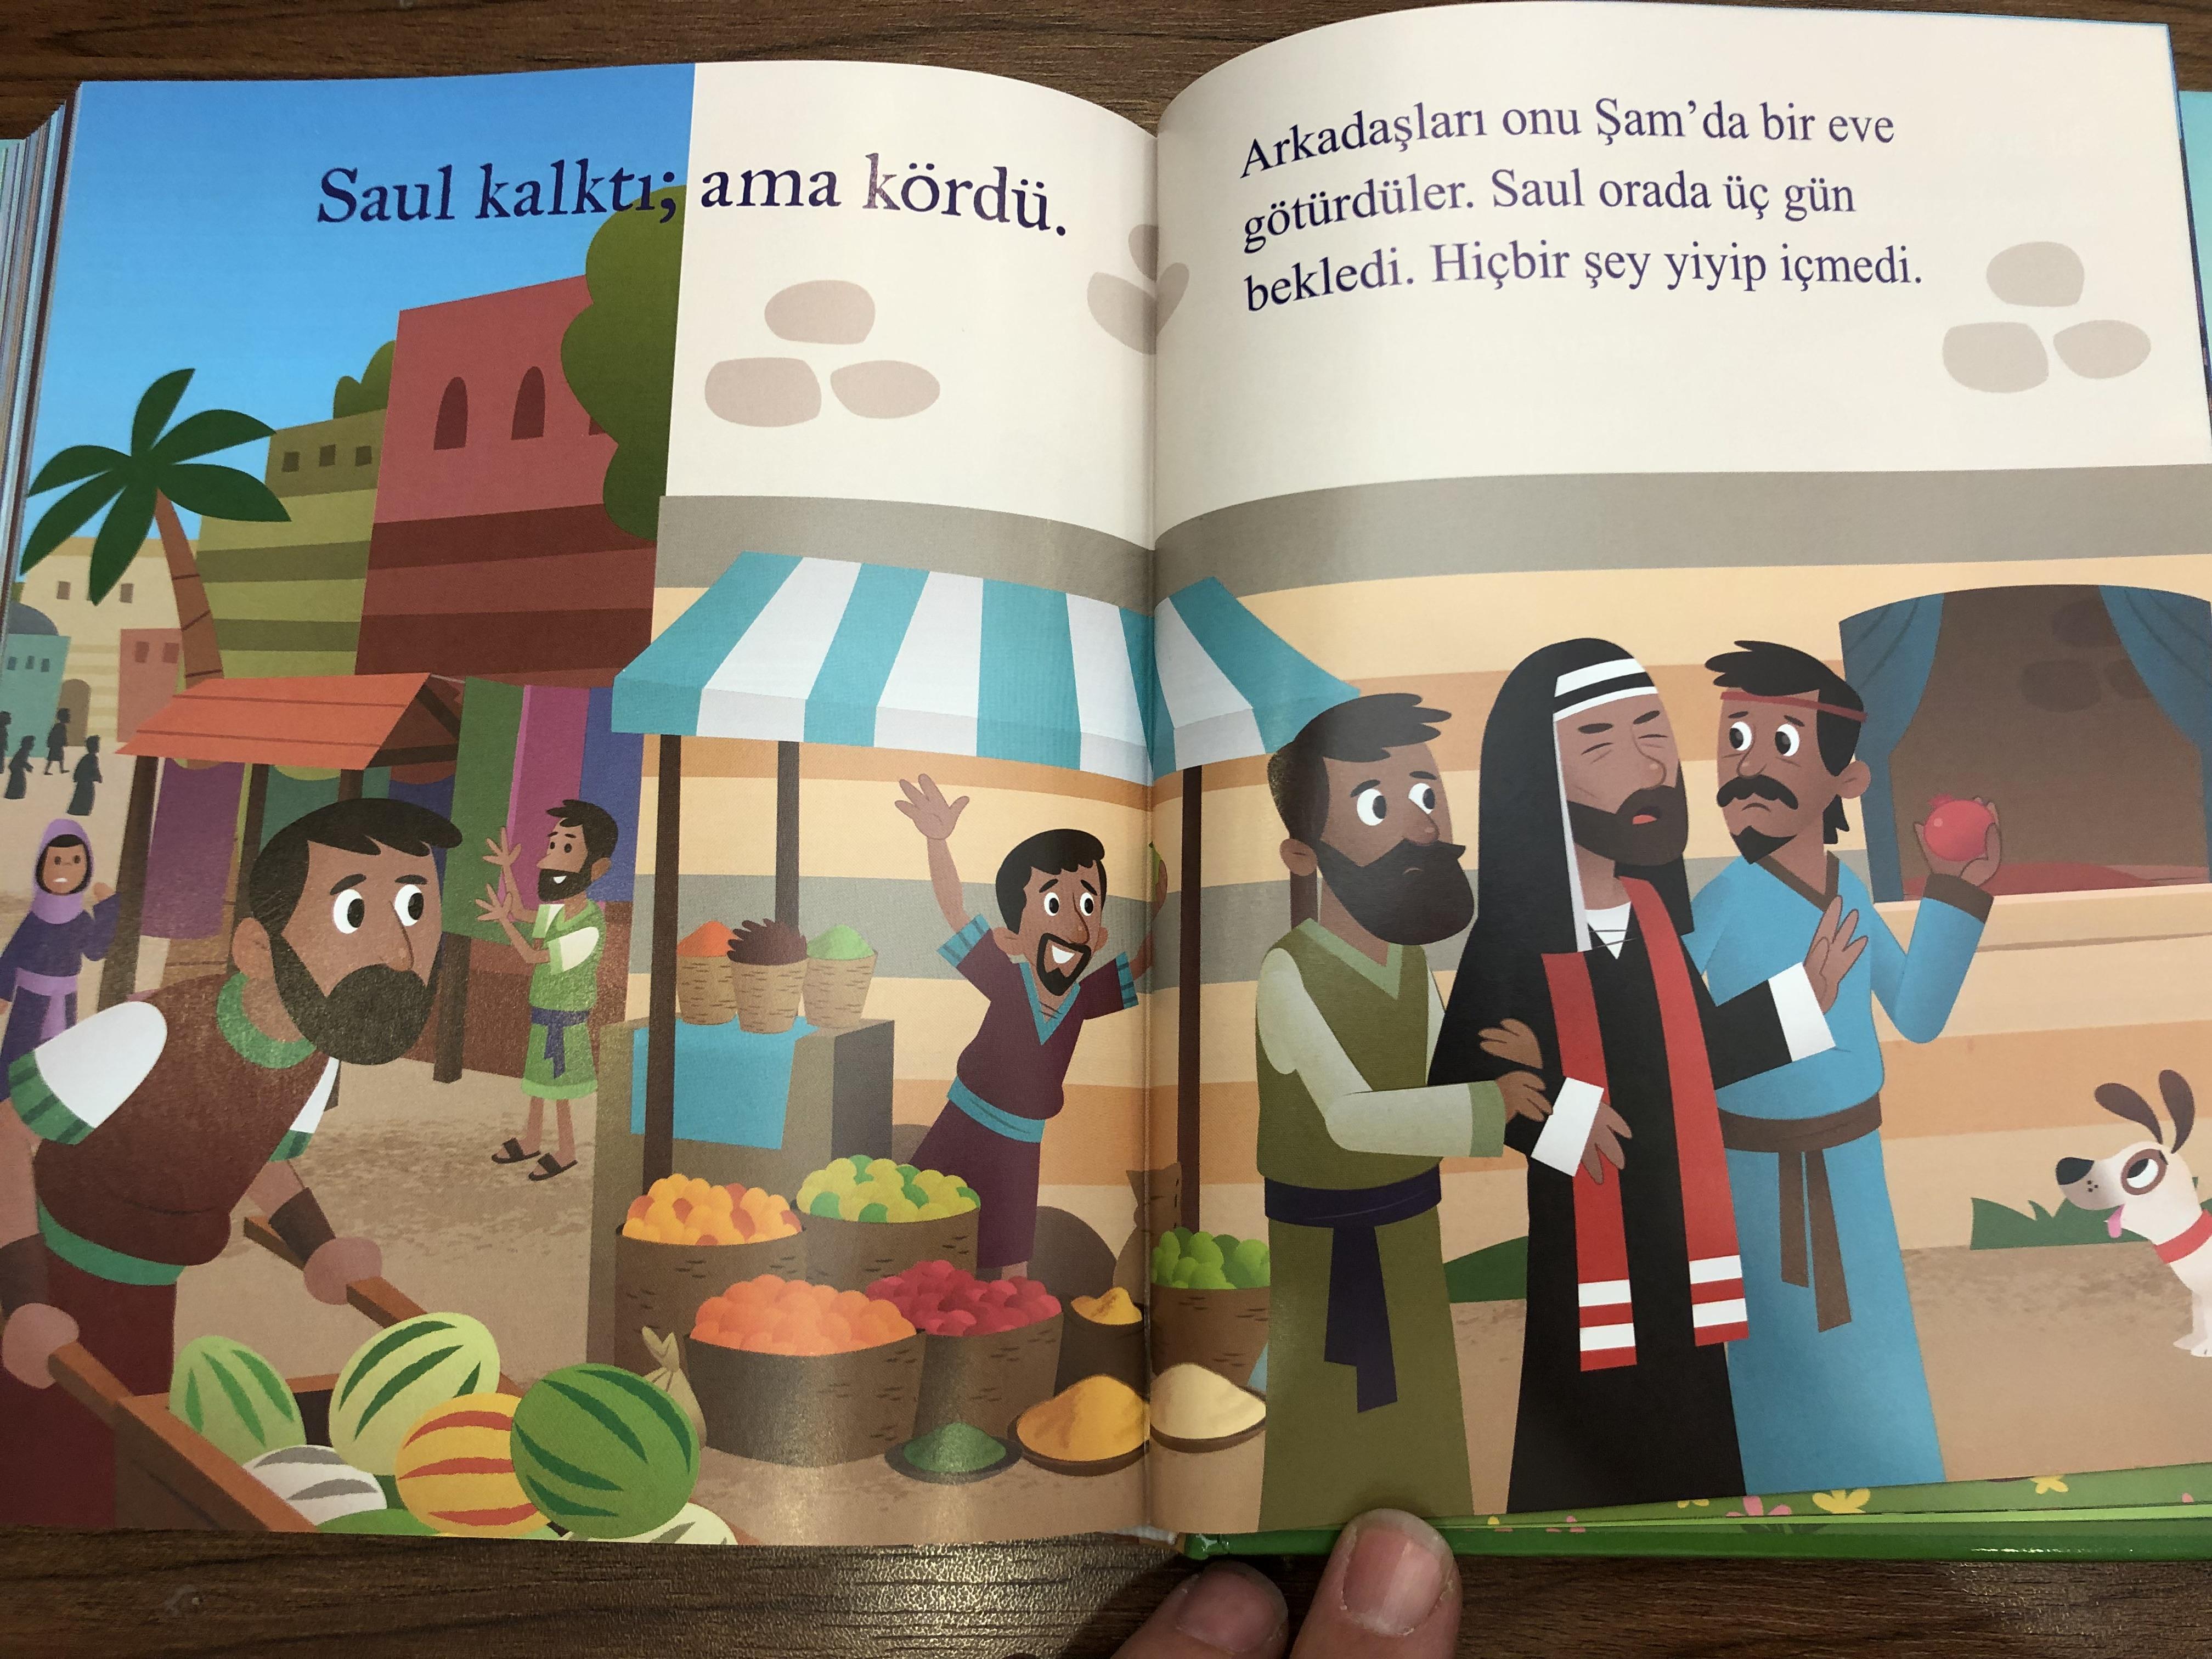 storybook-bible-in-turkish-language-ocuklar-i-in-kutsal-kitap-uygulamas-yk-kitab-youversion-hardcover-12-.jpg